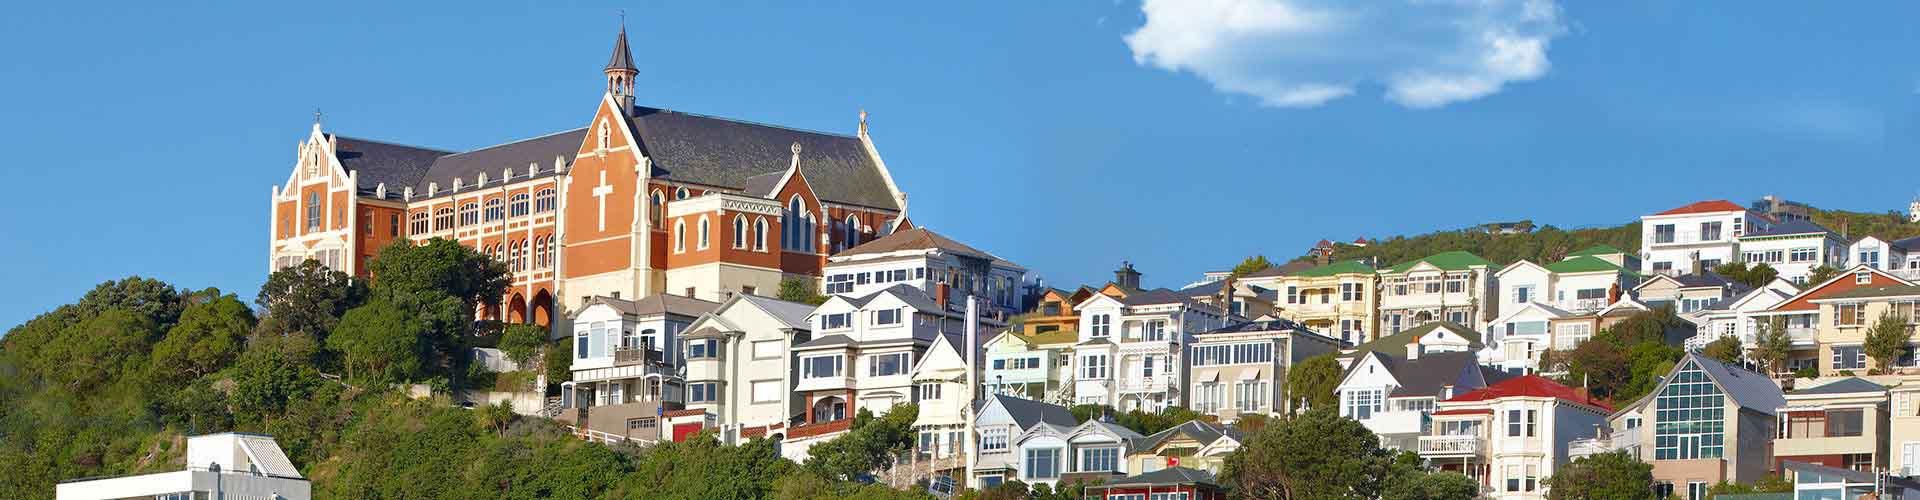 Wellington - Albergues en Wellington. Mapas de Wellington, Fotos y Comentarios para cada Albergue en Wellington.